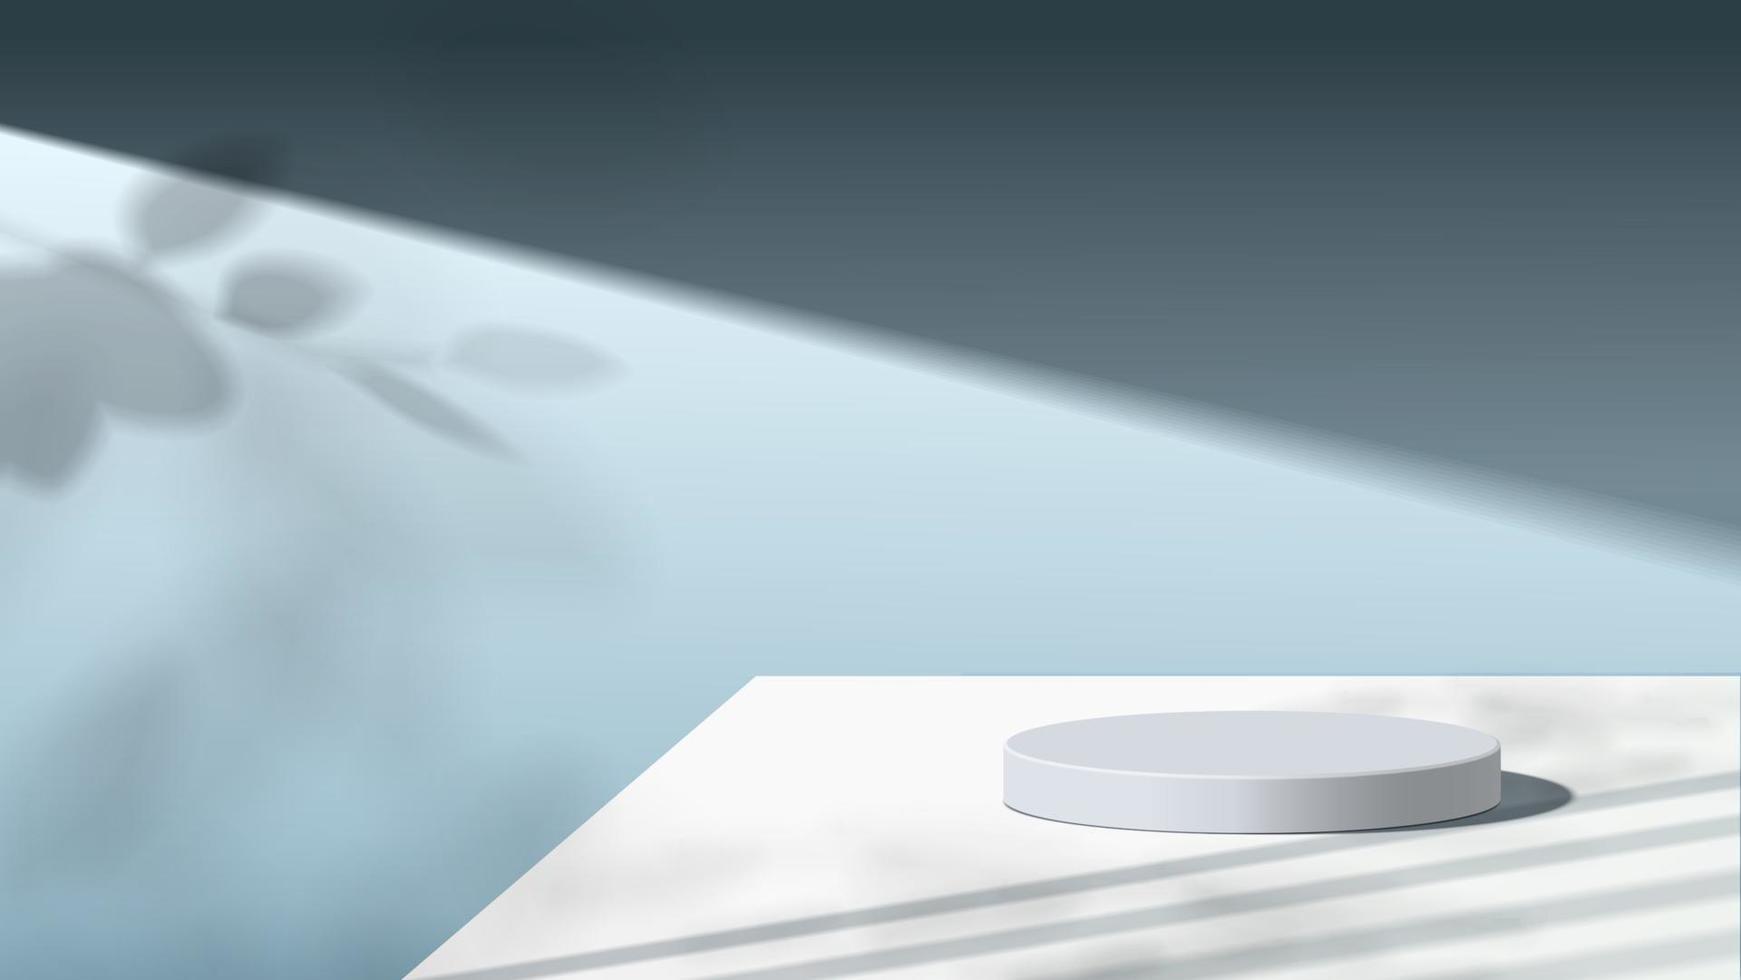 cena mínima abstrata com formas geométricas. pódio de madeira no fundo. apresentação do produto, mock up, display de produto cosmético, pódio, pedestal de palco ou plataforma. Vetor 3d